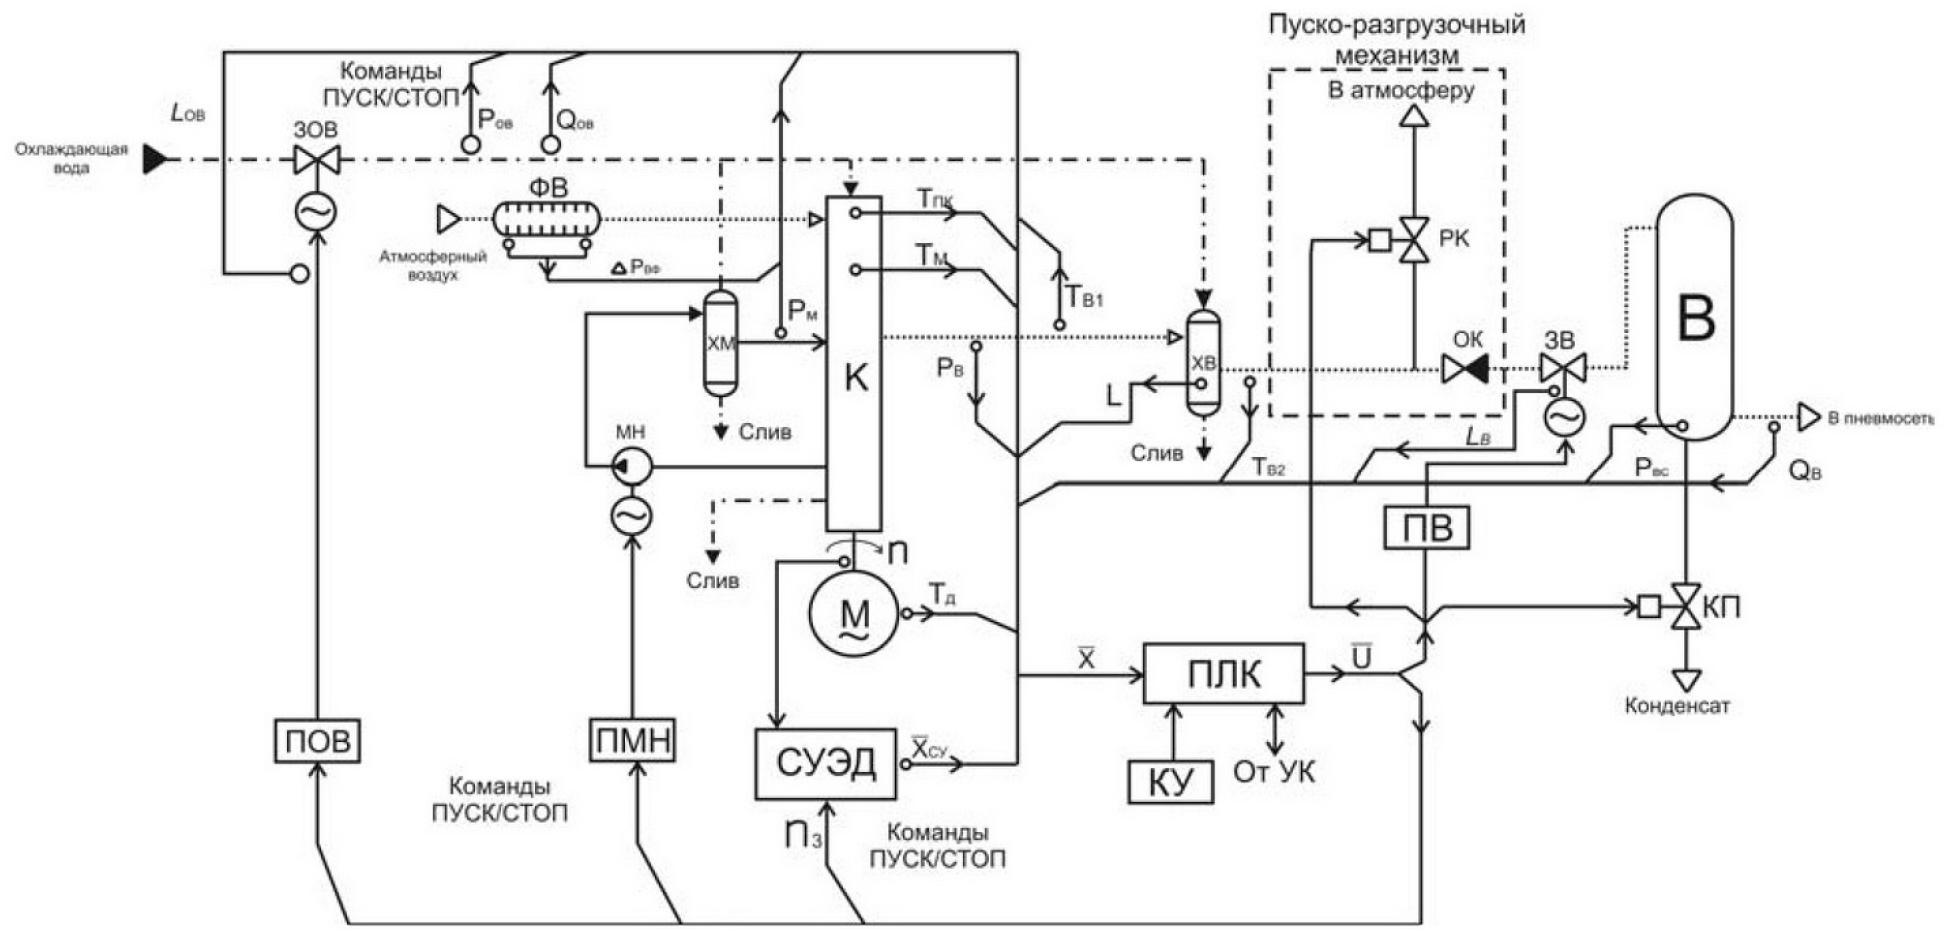 Микропроцессорная система автоматизации компрессорного агрегата 1